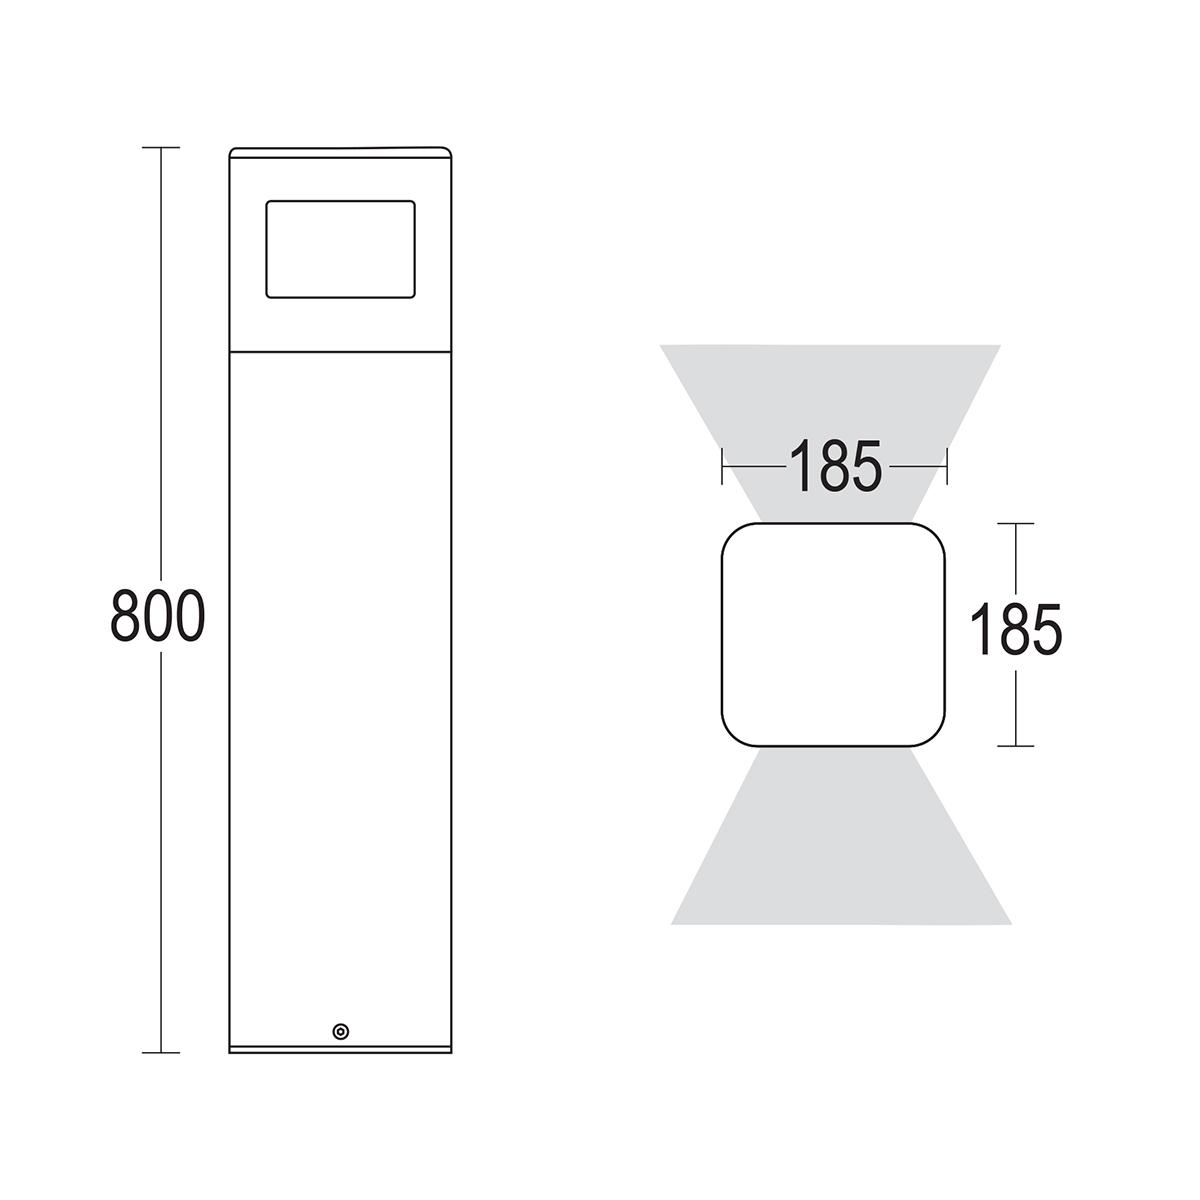 чертеж Polbivio 800 360° Ghidini уличный светильник GH1356.CGXT300EN